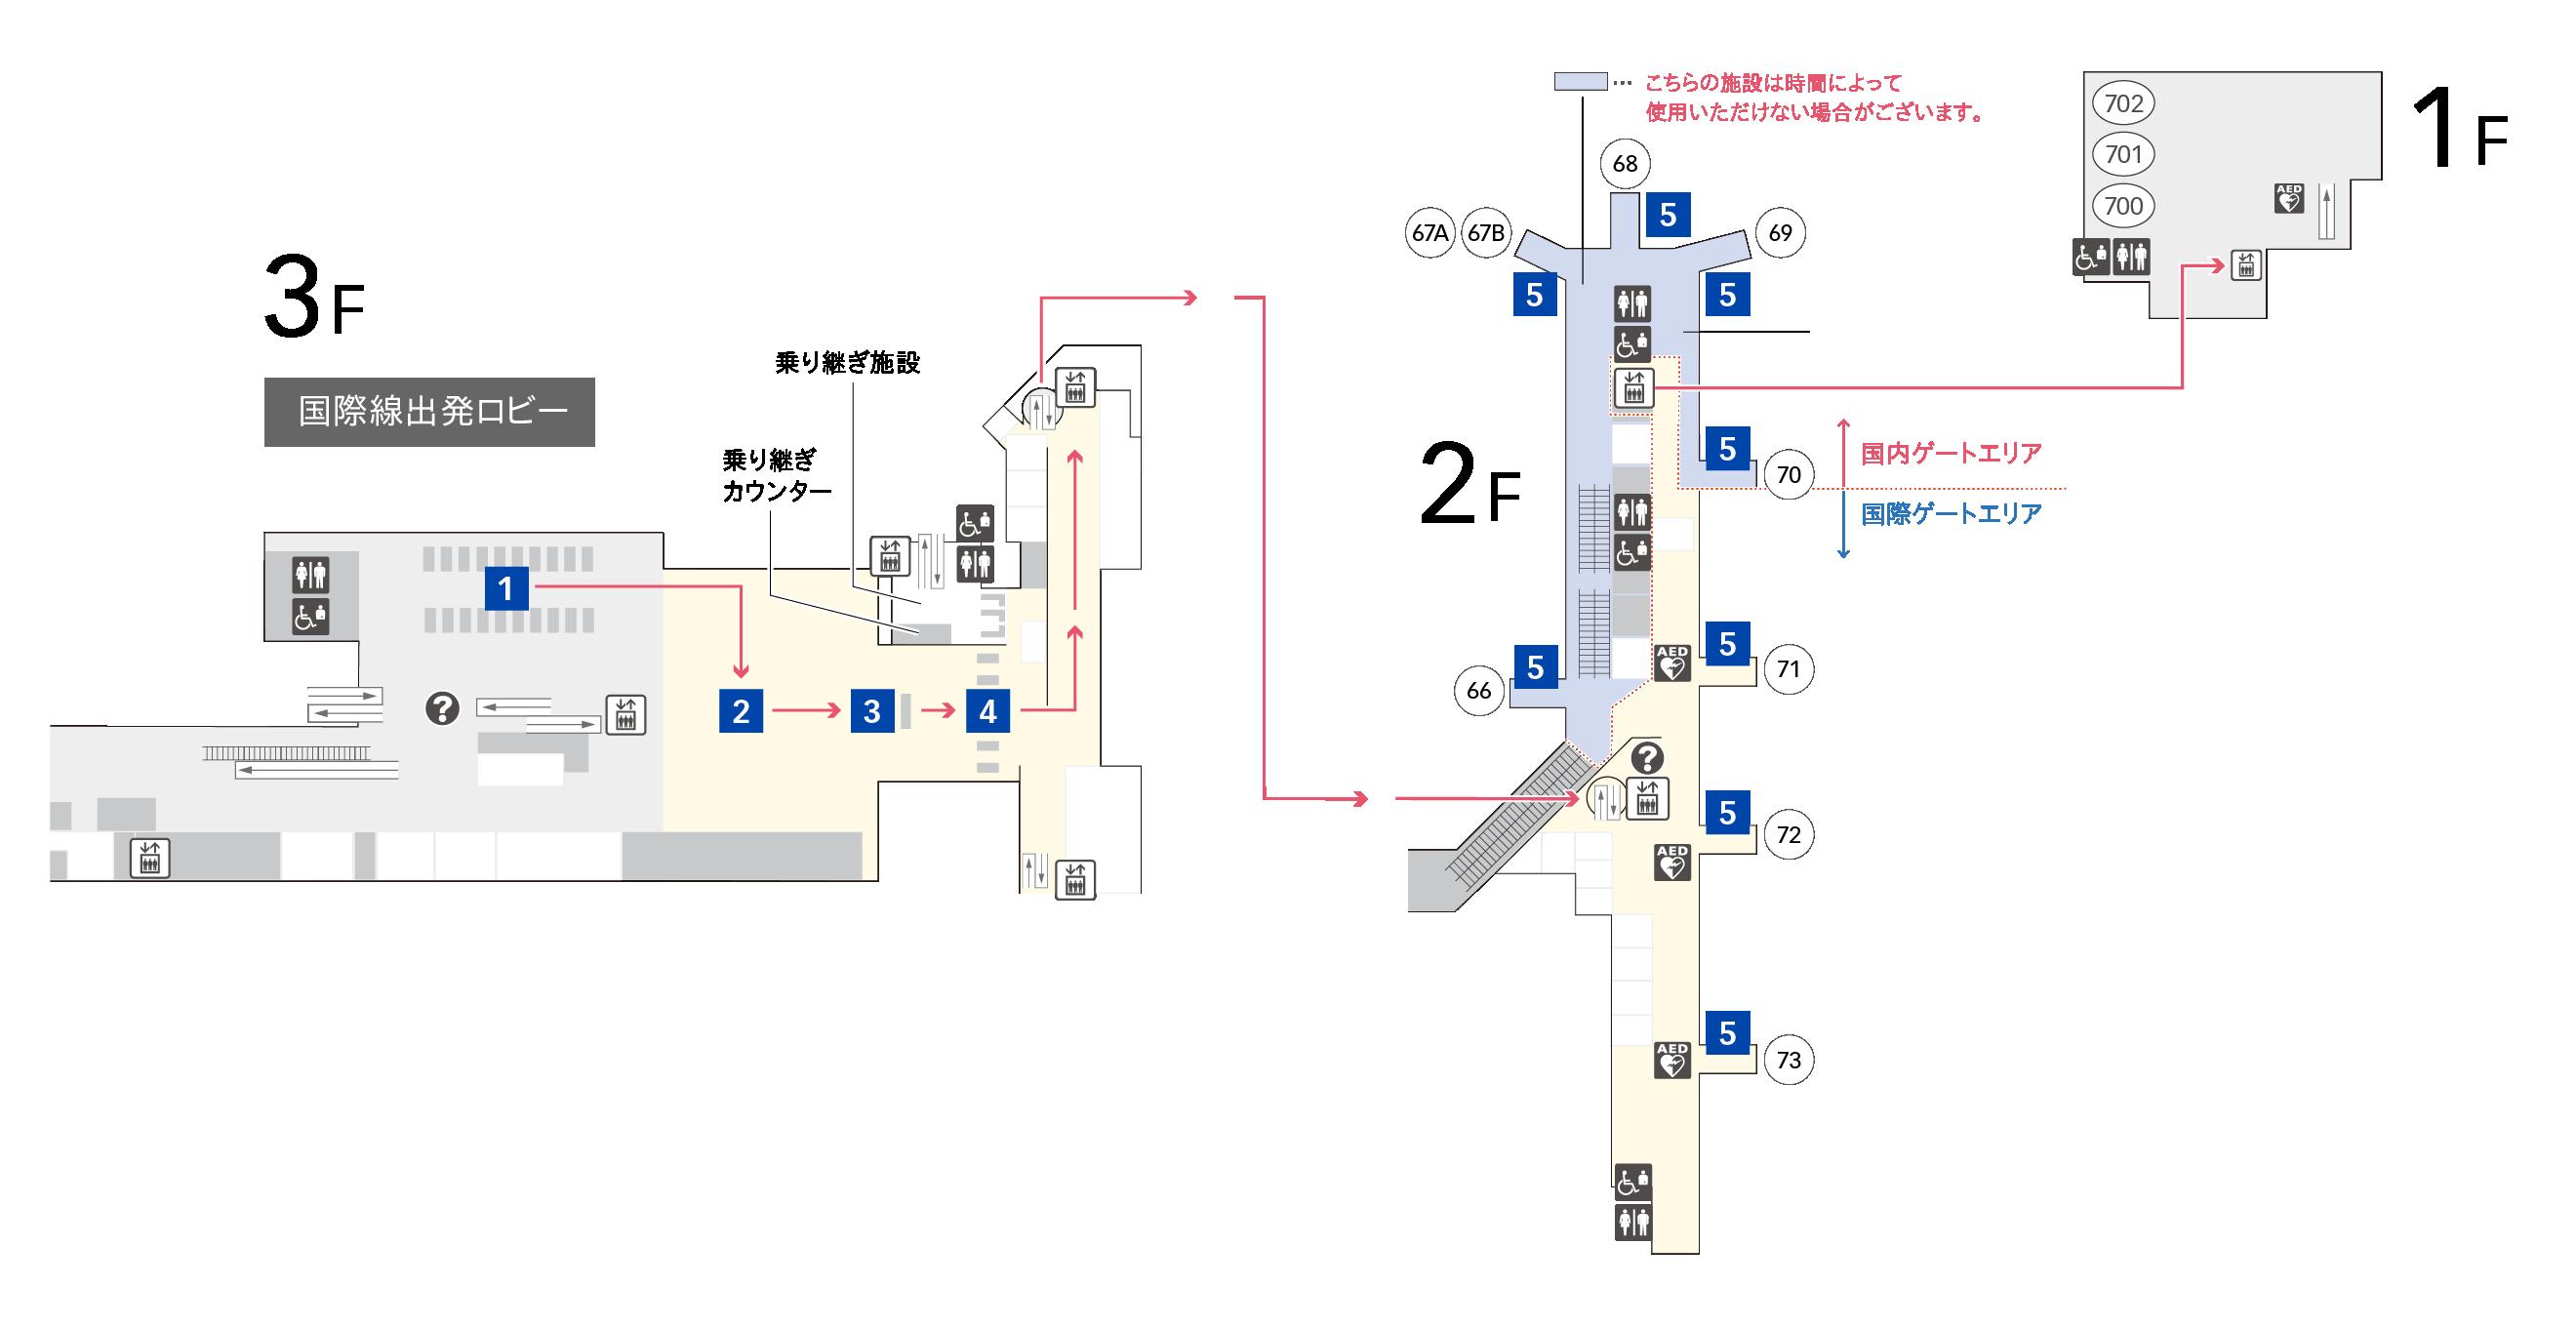 空港 フライト 情報 国内線 羽田